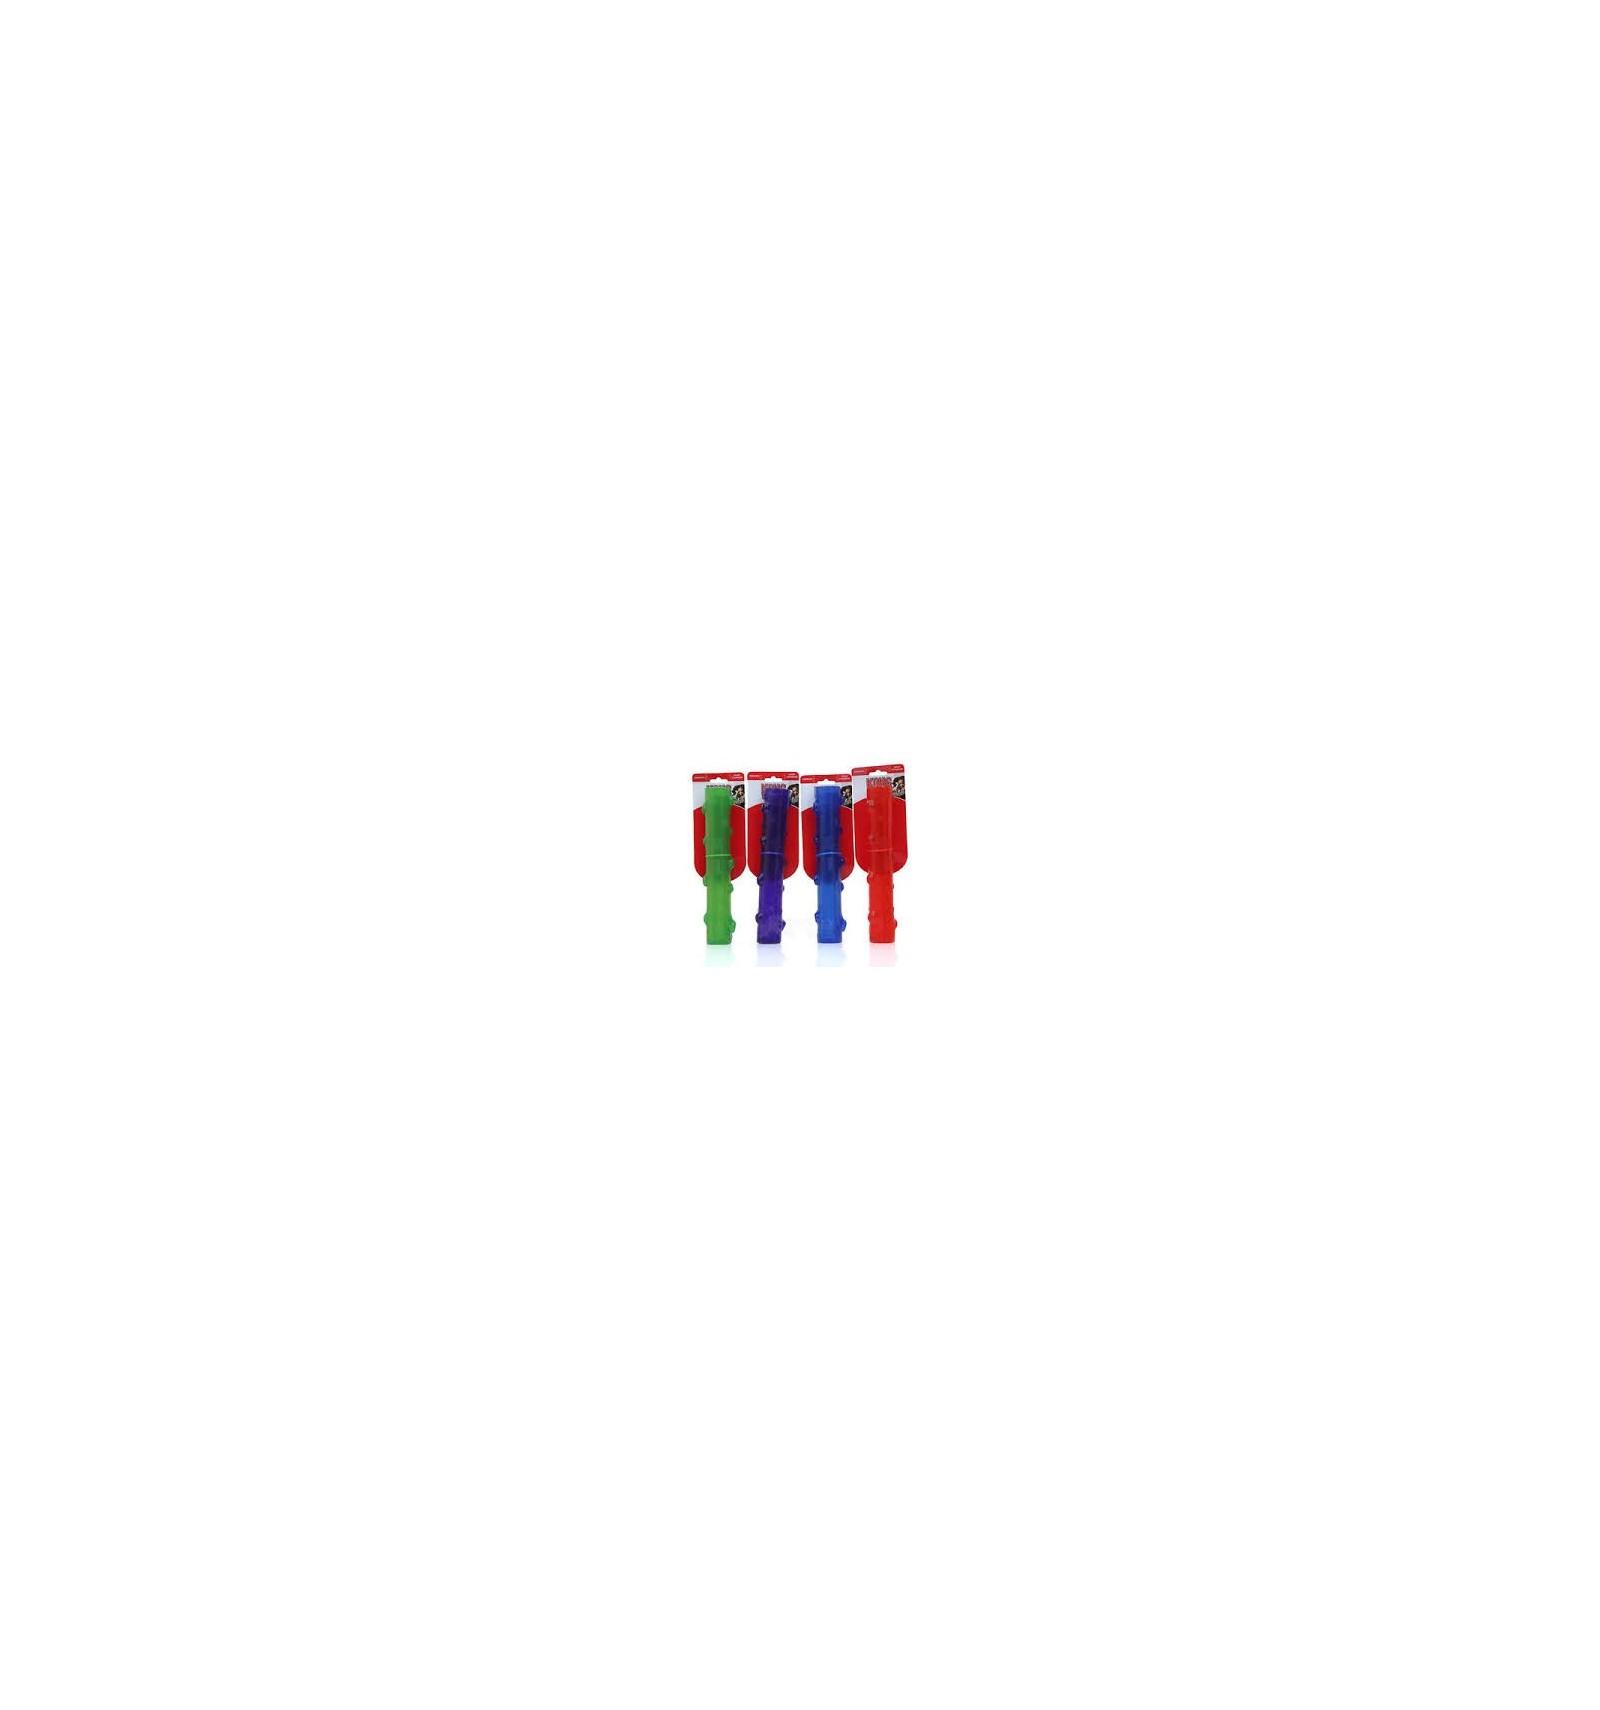 45abf240129d Brinquedo Kong Squeezz Stick - Tamanho L (28 cm)